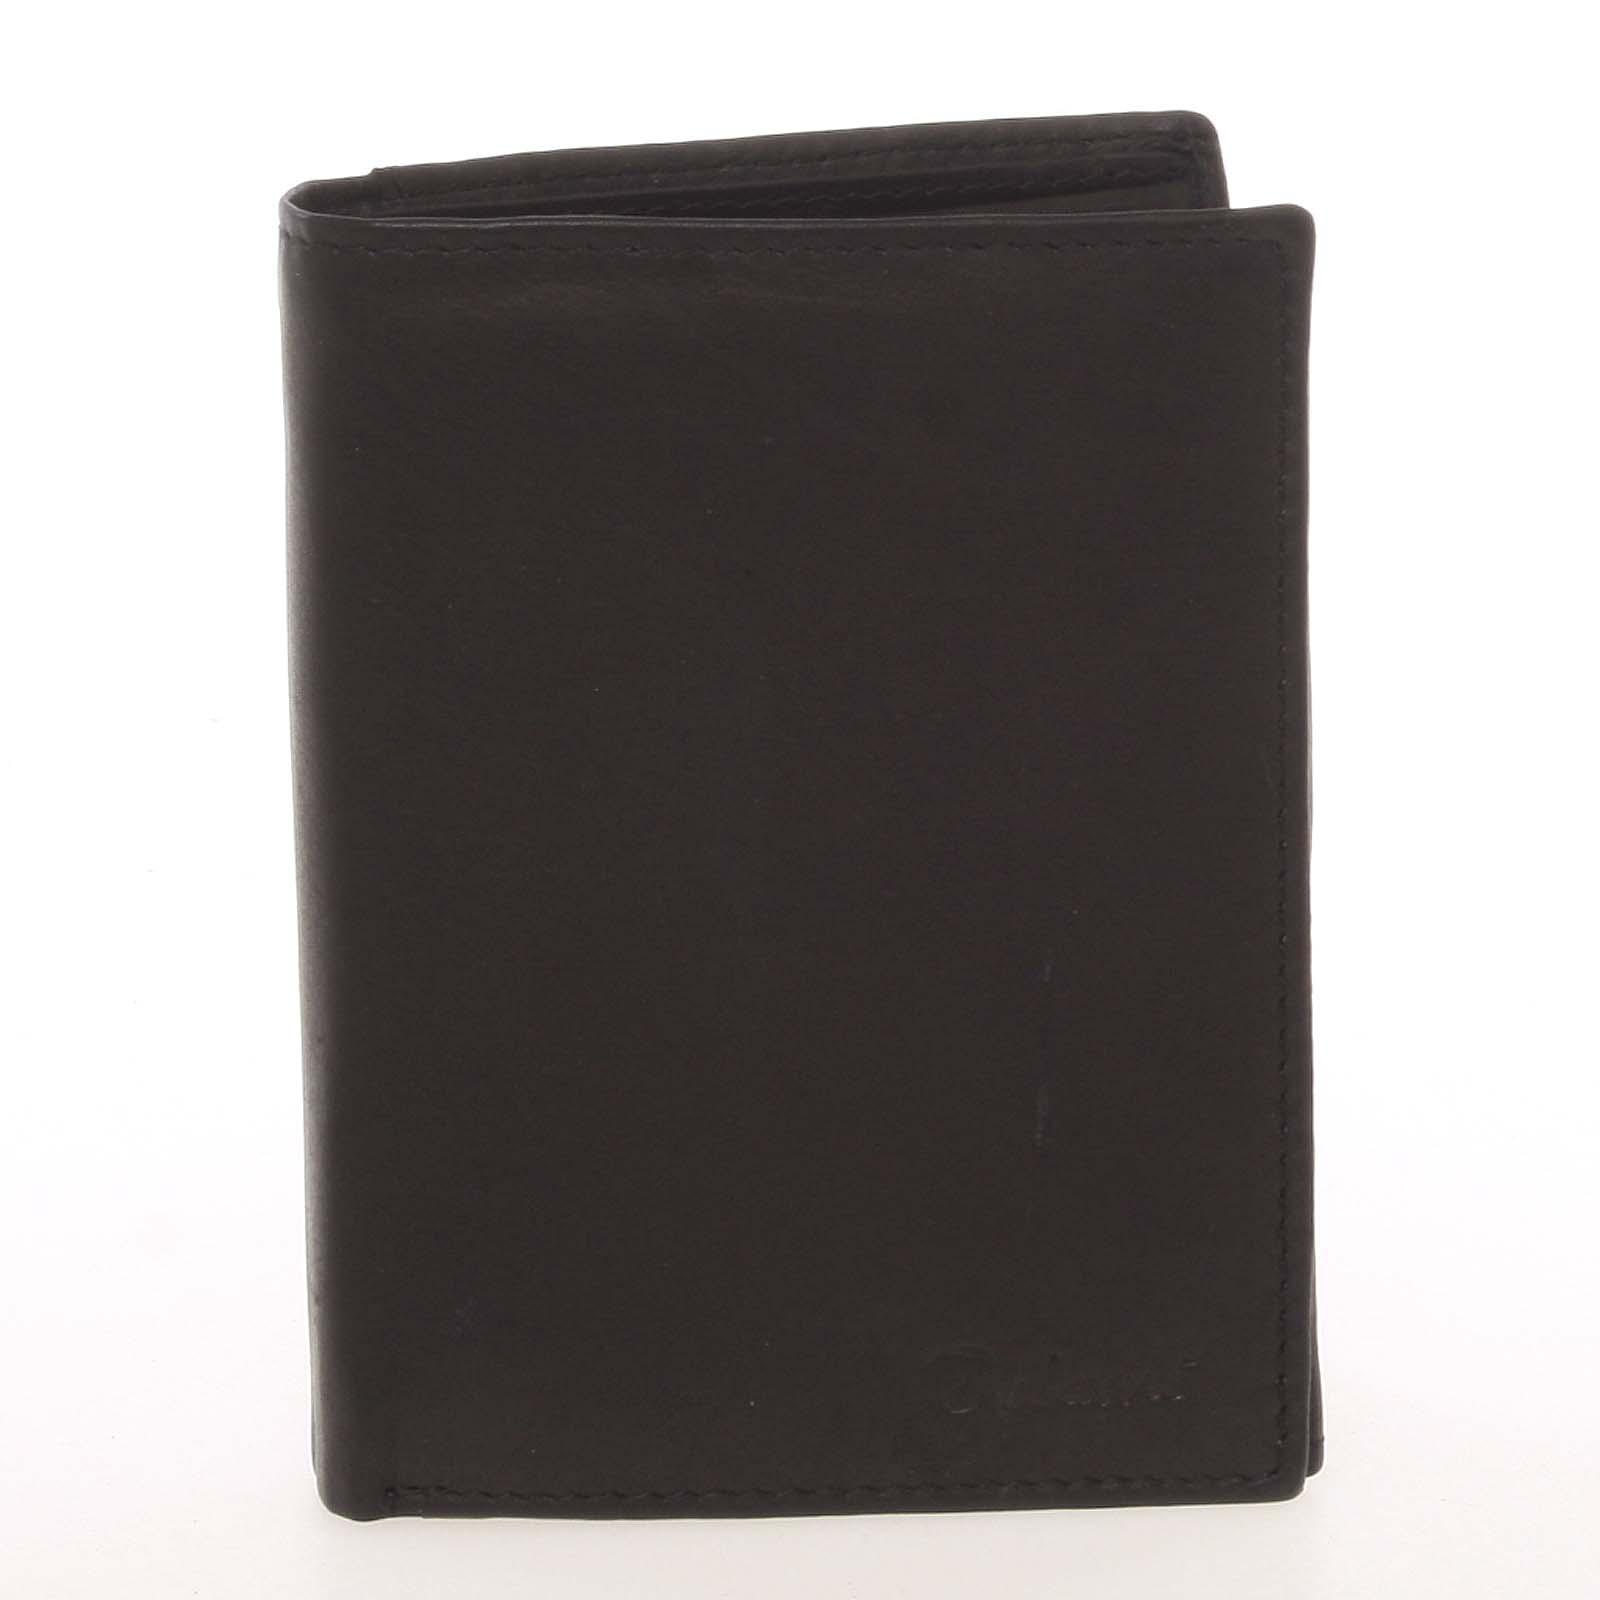 Pánska kožená čierna peňaženka - Delami Therron